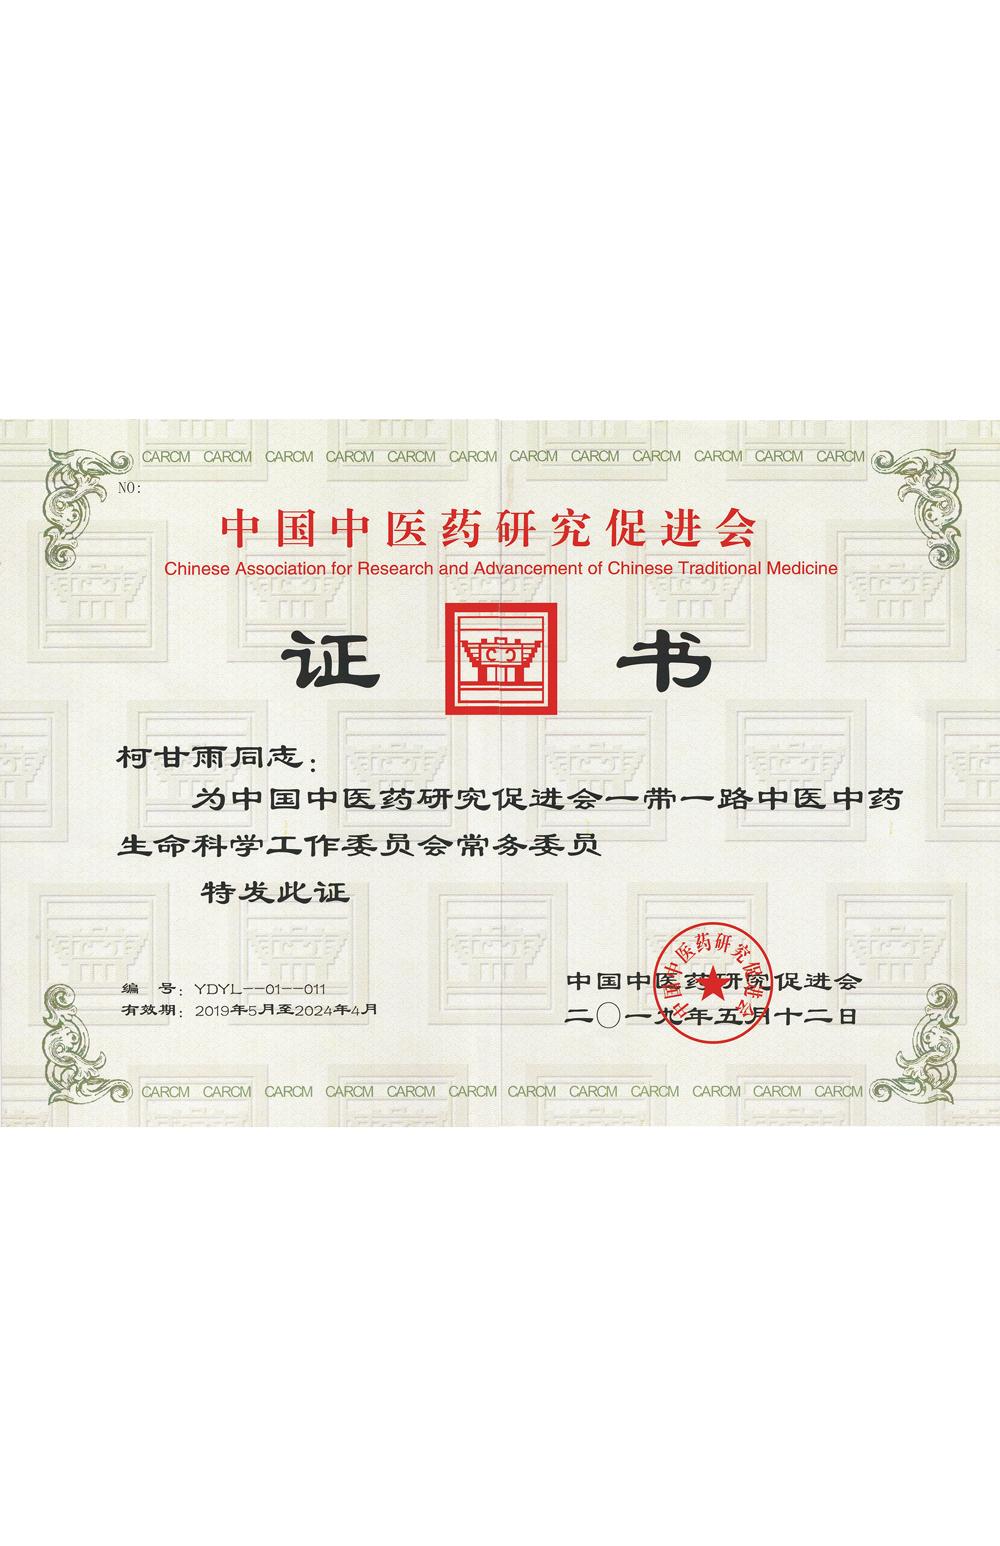 中国中医药研究促进会